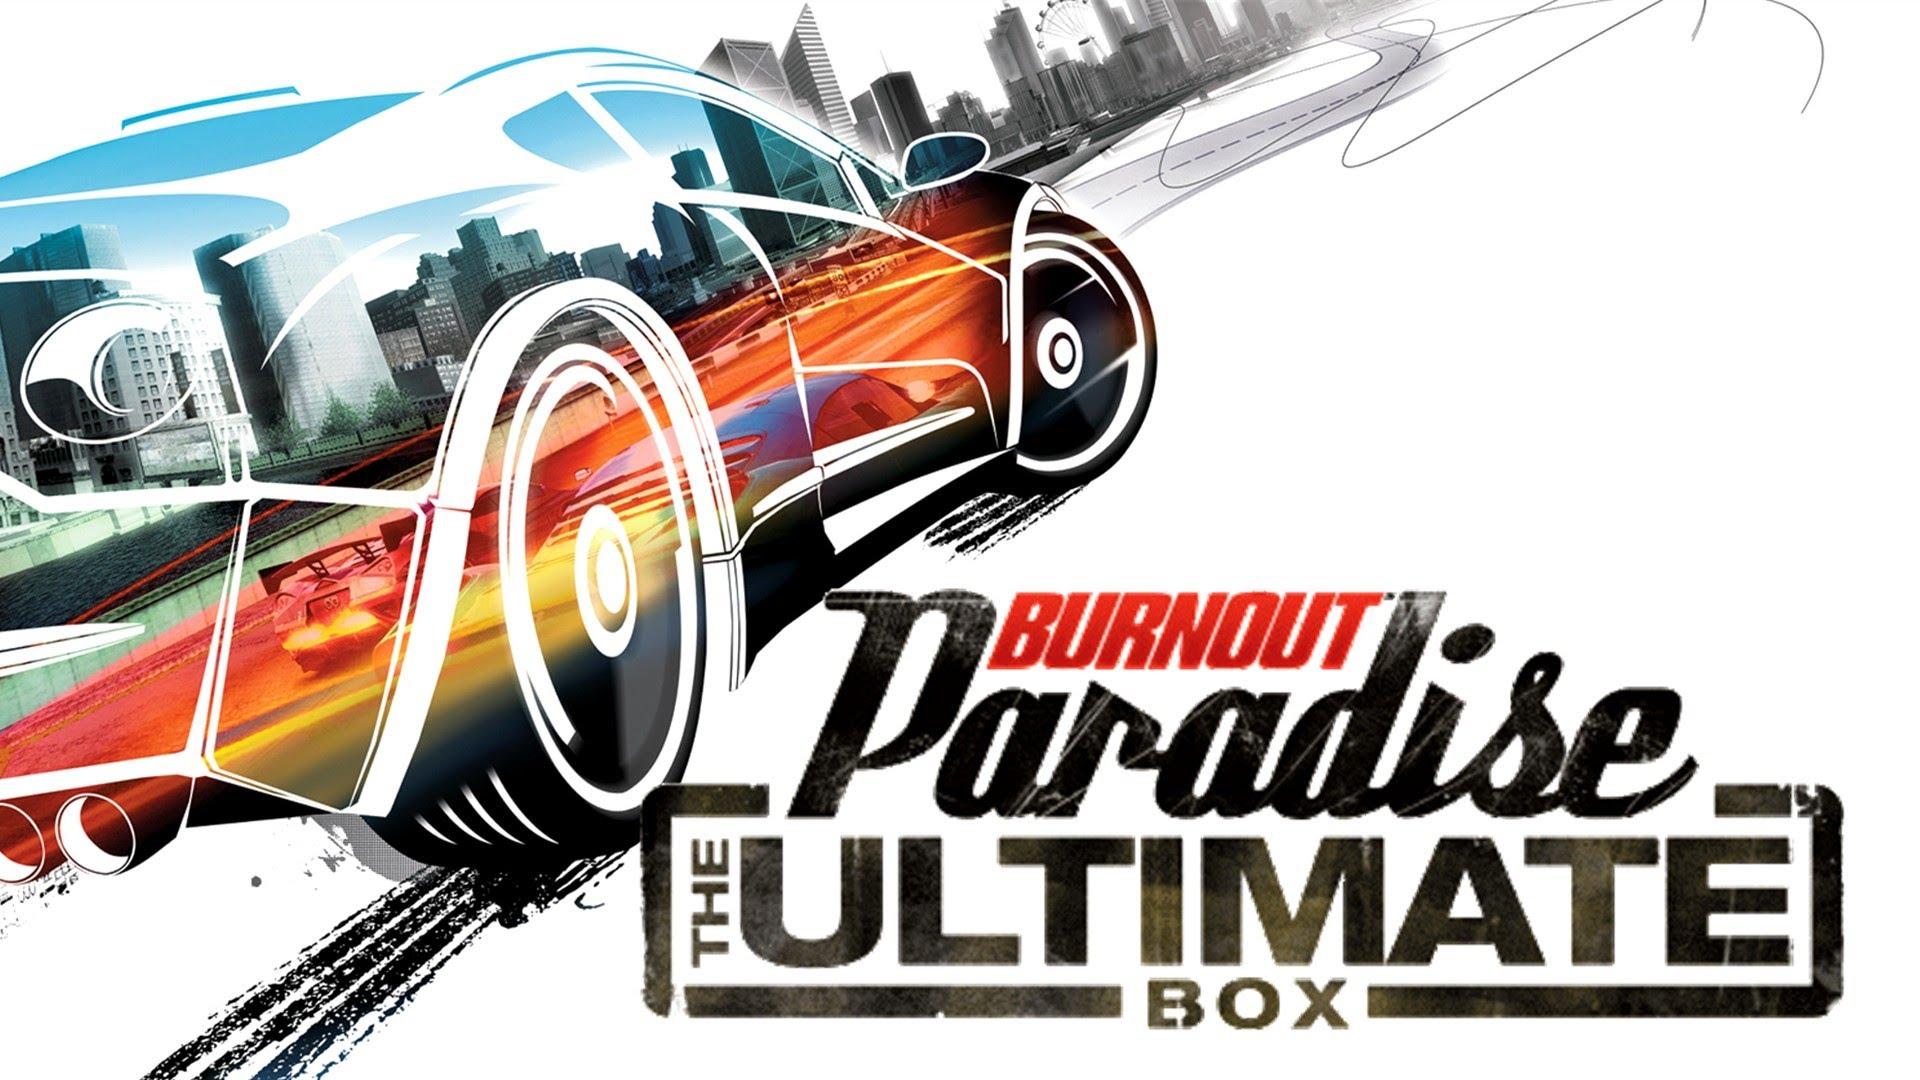 Burnout paradise the ultimate box télécharger pour pc gratuitement.